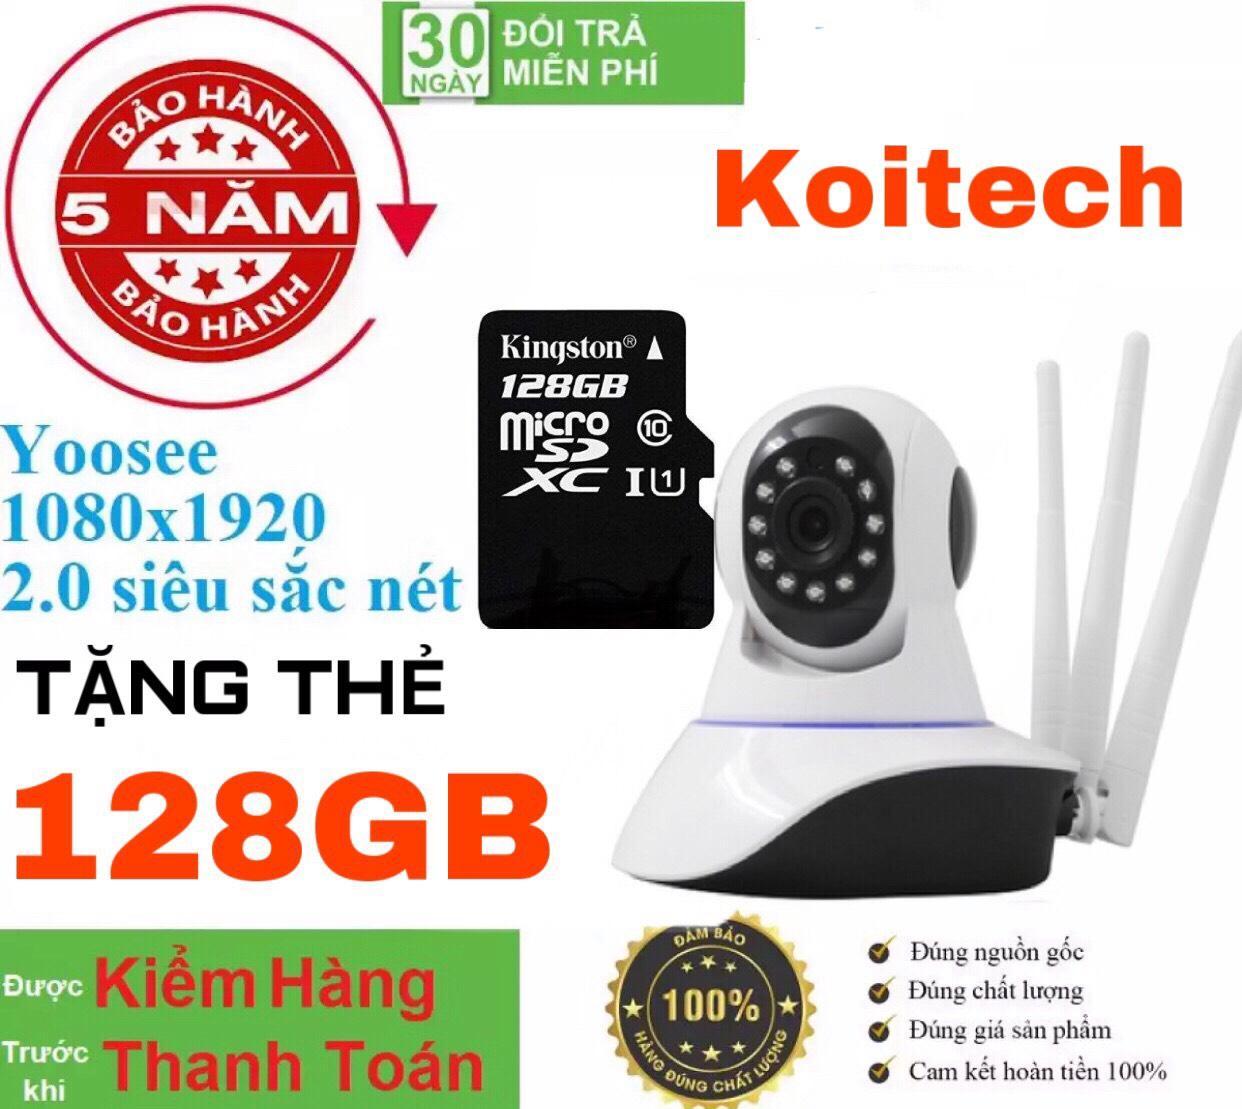 (Tặng Kèm Thẻ Nhớ 128GB CHUYÊN DỤNG Trị Giá 450k - BH 5 NĂM 1 ĐỔI 1 TRONG VÒNG 30 NGÀY) - CAMERA WIFI - YOOSEE WIFI SIÊU NÉT 2.0 FULL HD 1920 x 1080P